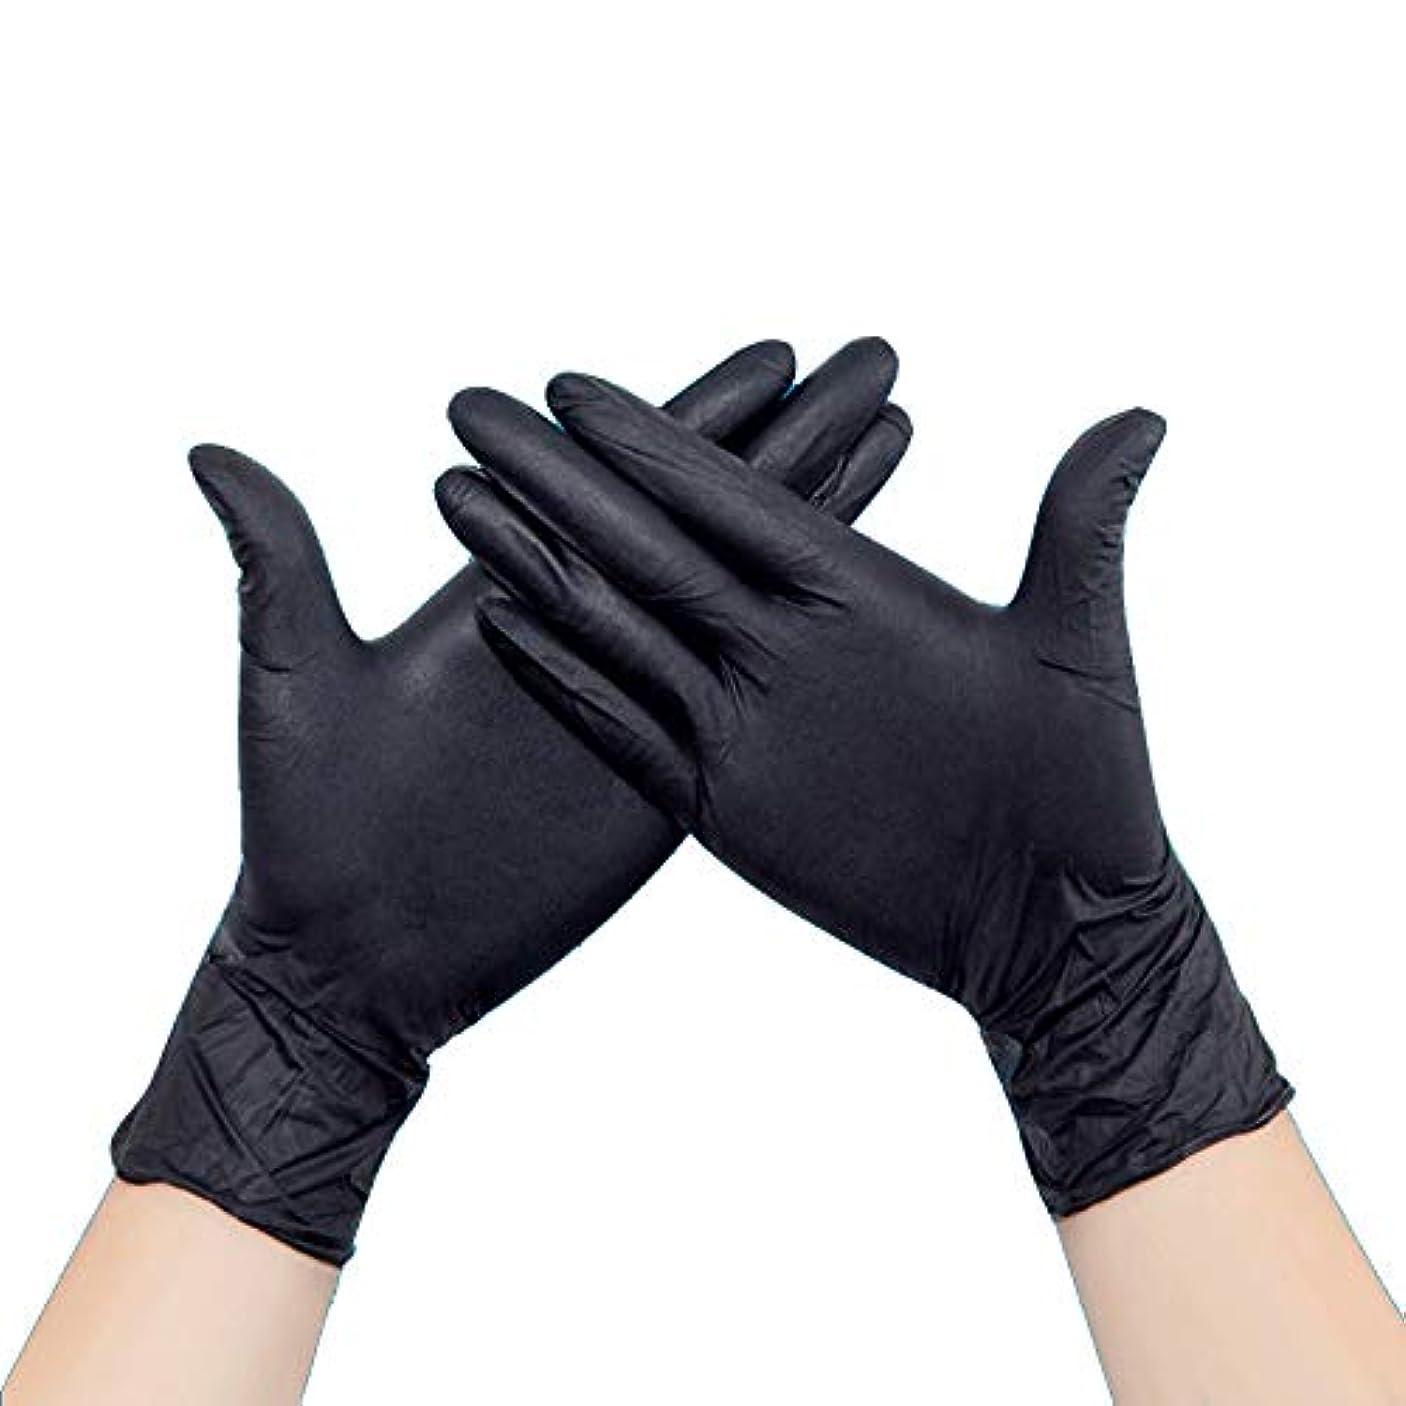 ぼかすポール豚肉ニトリル手袋 使い捨て手袋 メカニックグローブ 50枚入 家庭、クリーニング、実験室、ネイルアート ブラック 帯電防止手袋 左右兼用